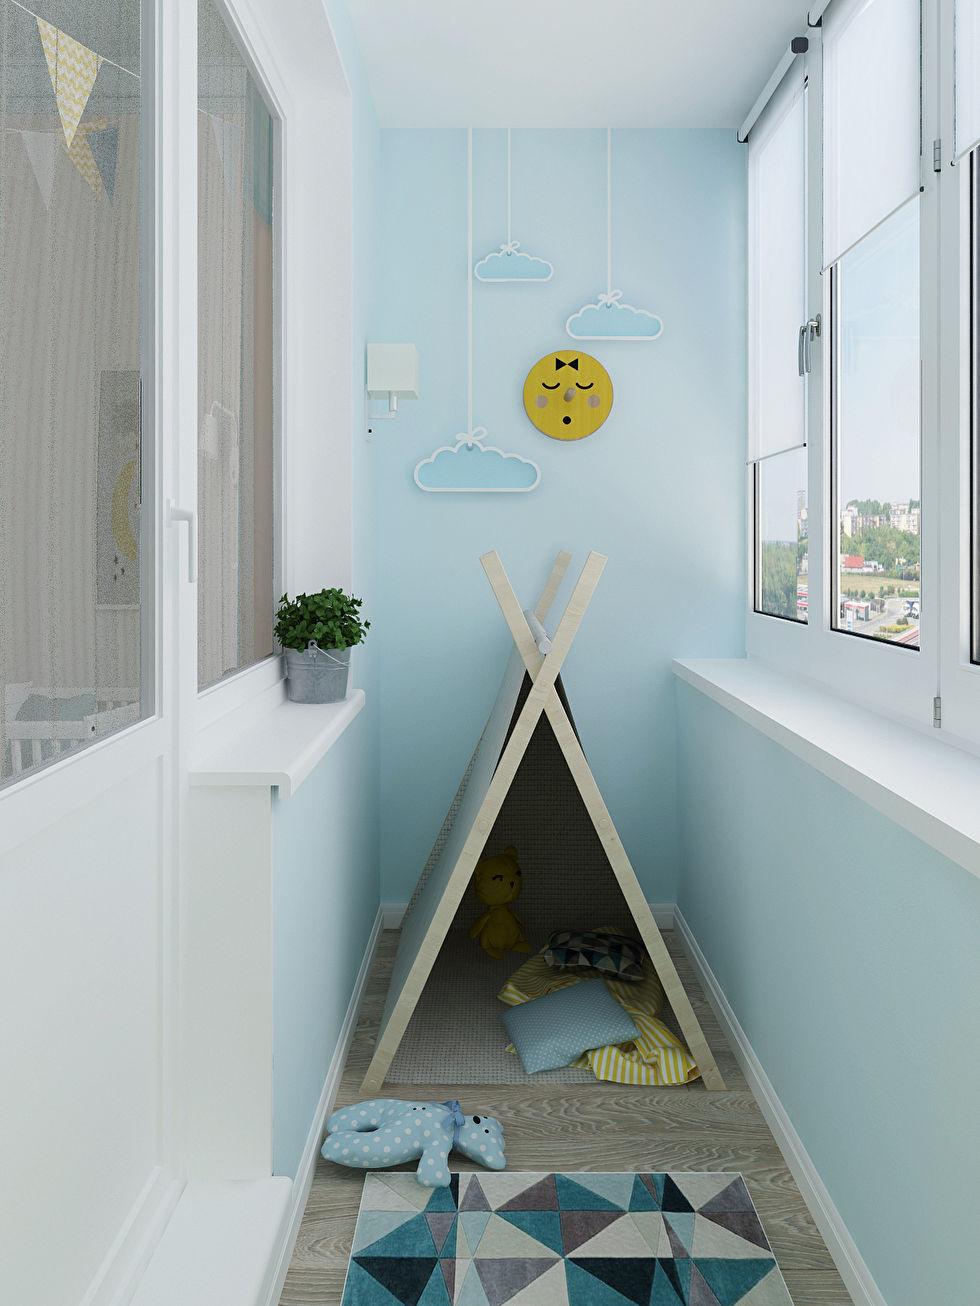 Детская комната - 3-х комнатная квартира, ульяновск - trimio.